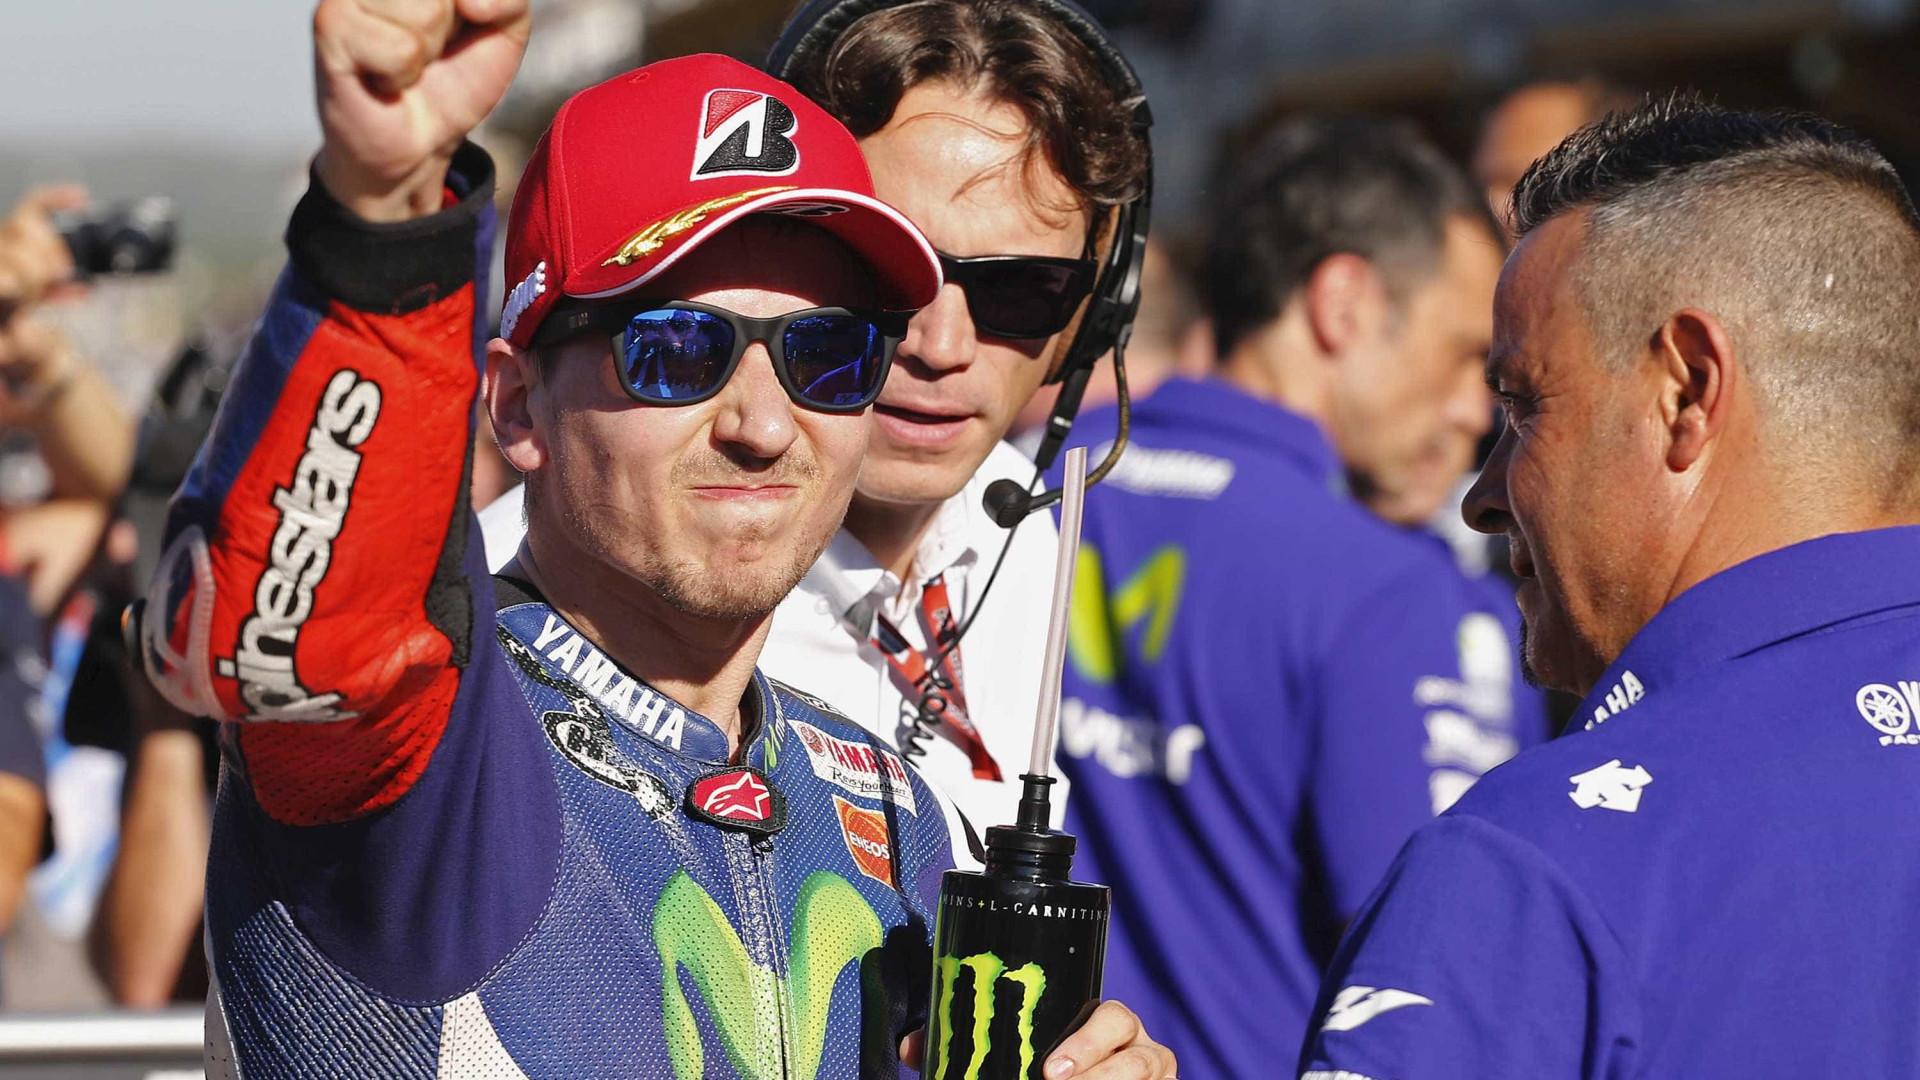 Lorenzo vence em Valência e é campeão na MotoGP; Rossi termina em 4º